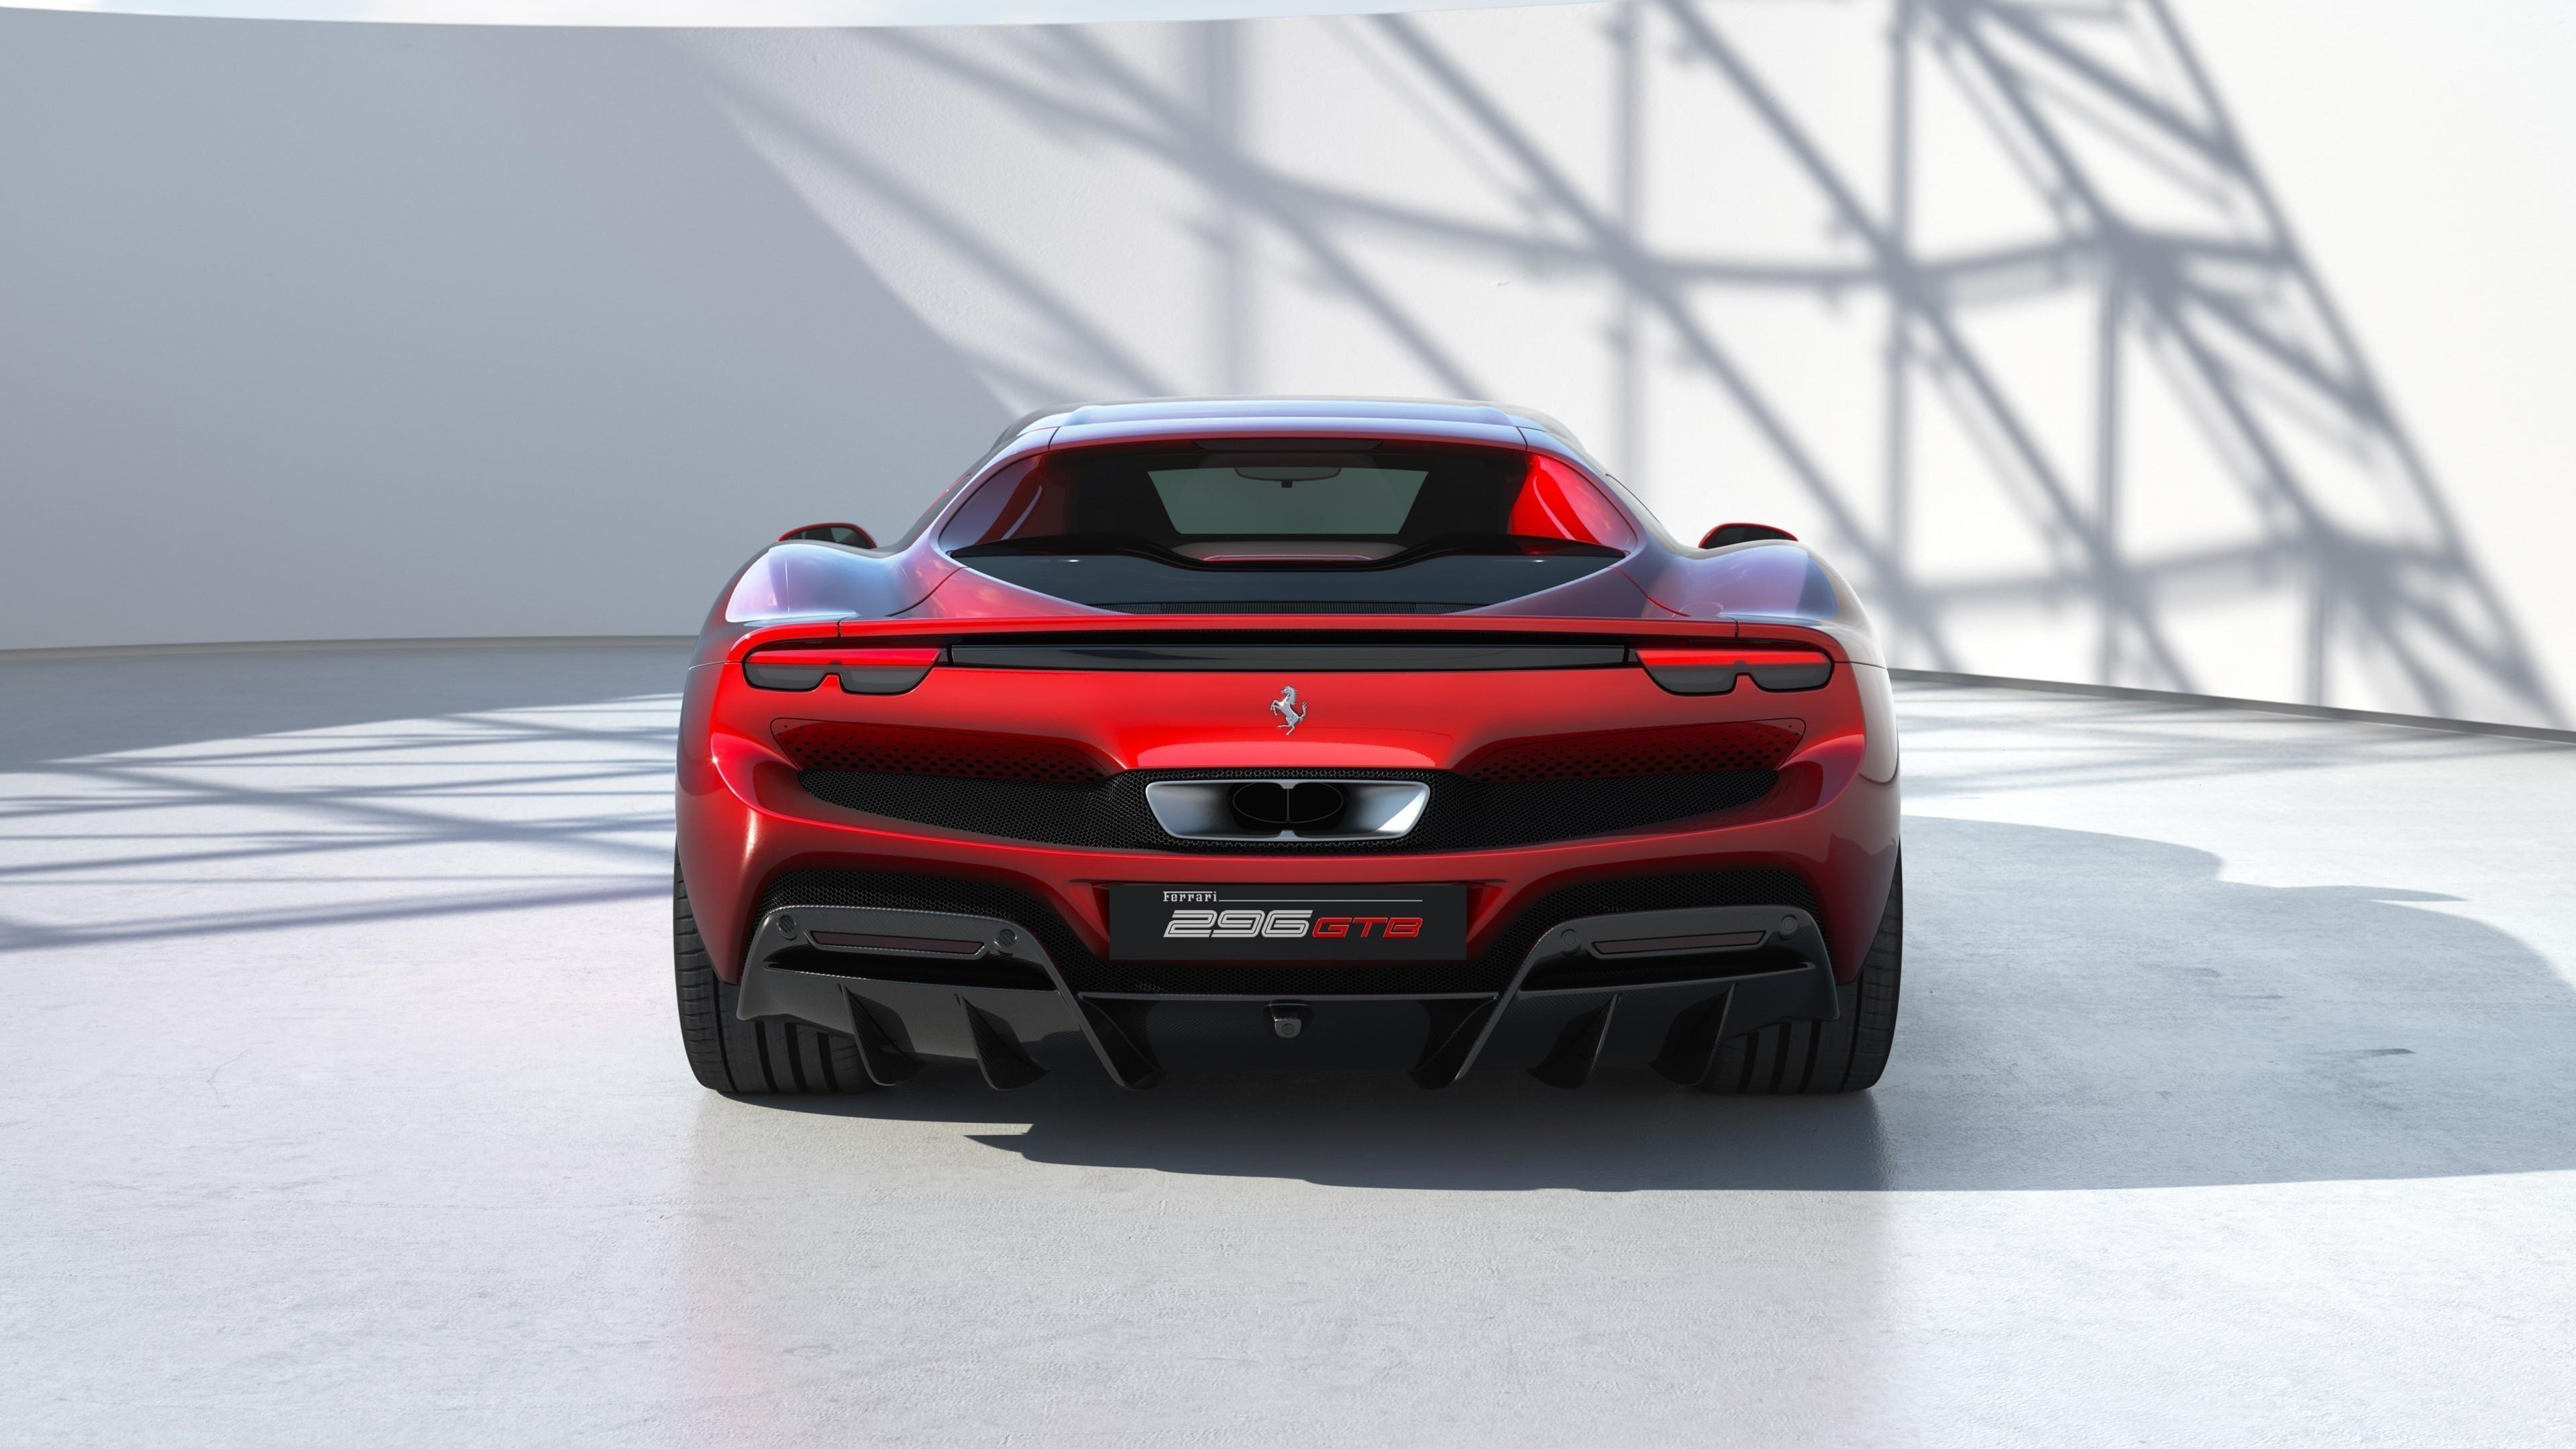 Ferrari 296 gtb 2022 4 автомобиля обои скачать